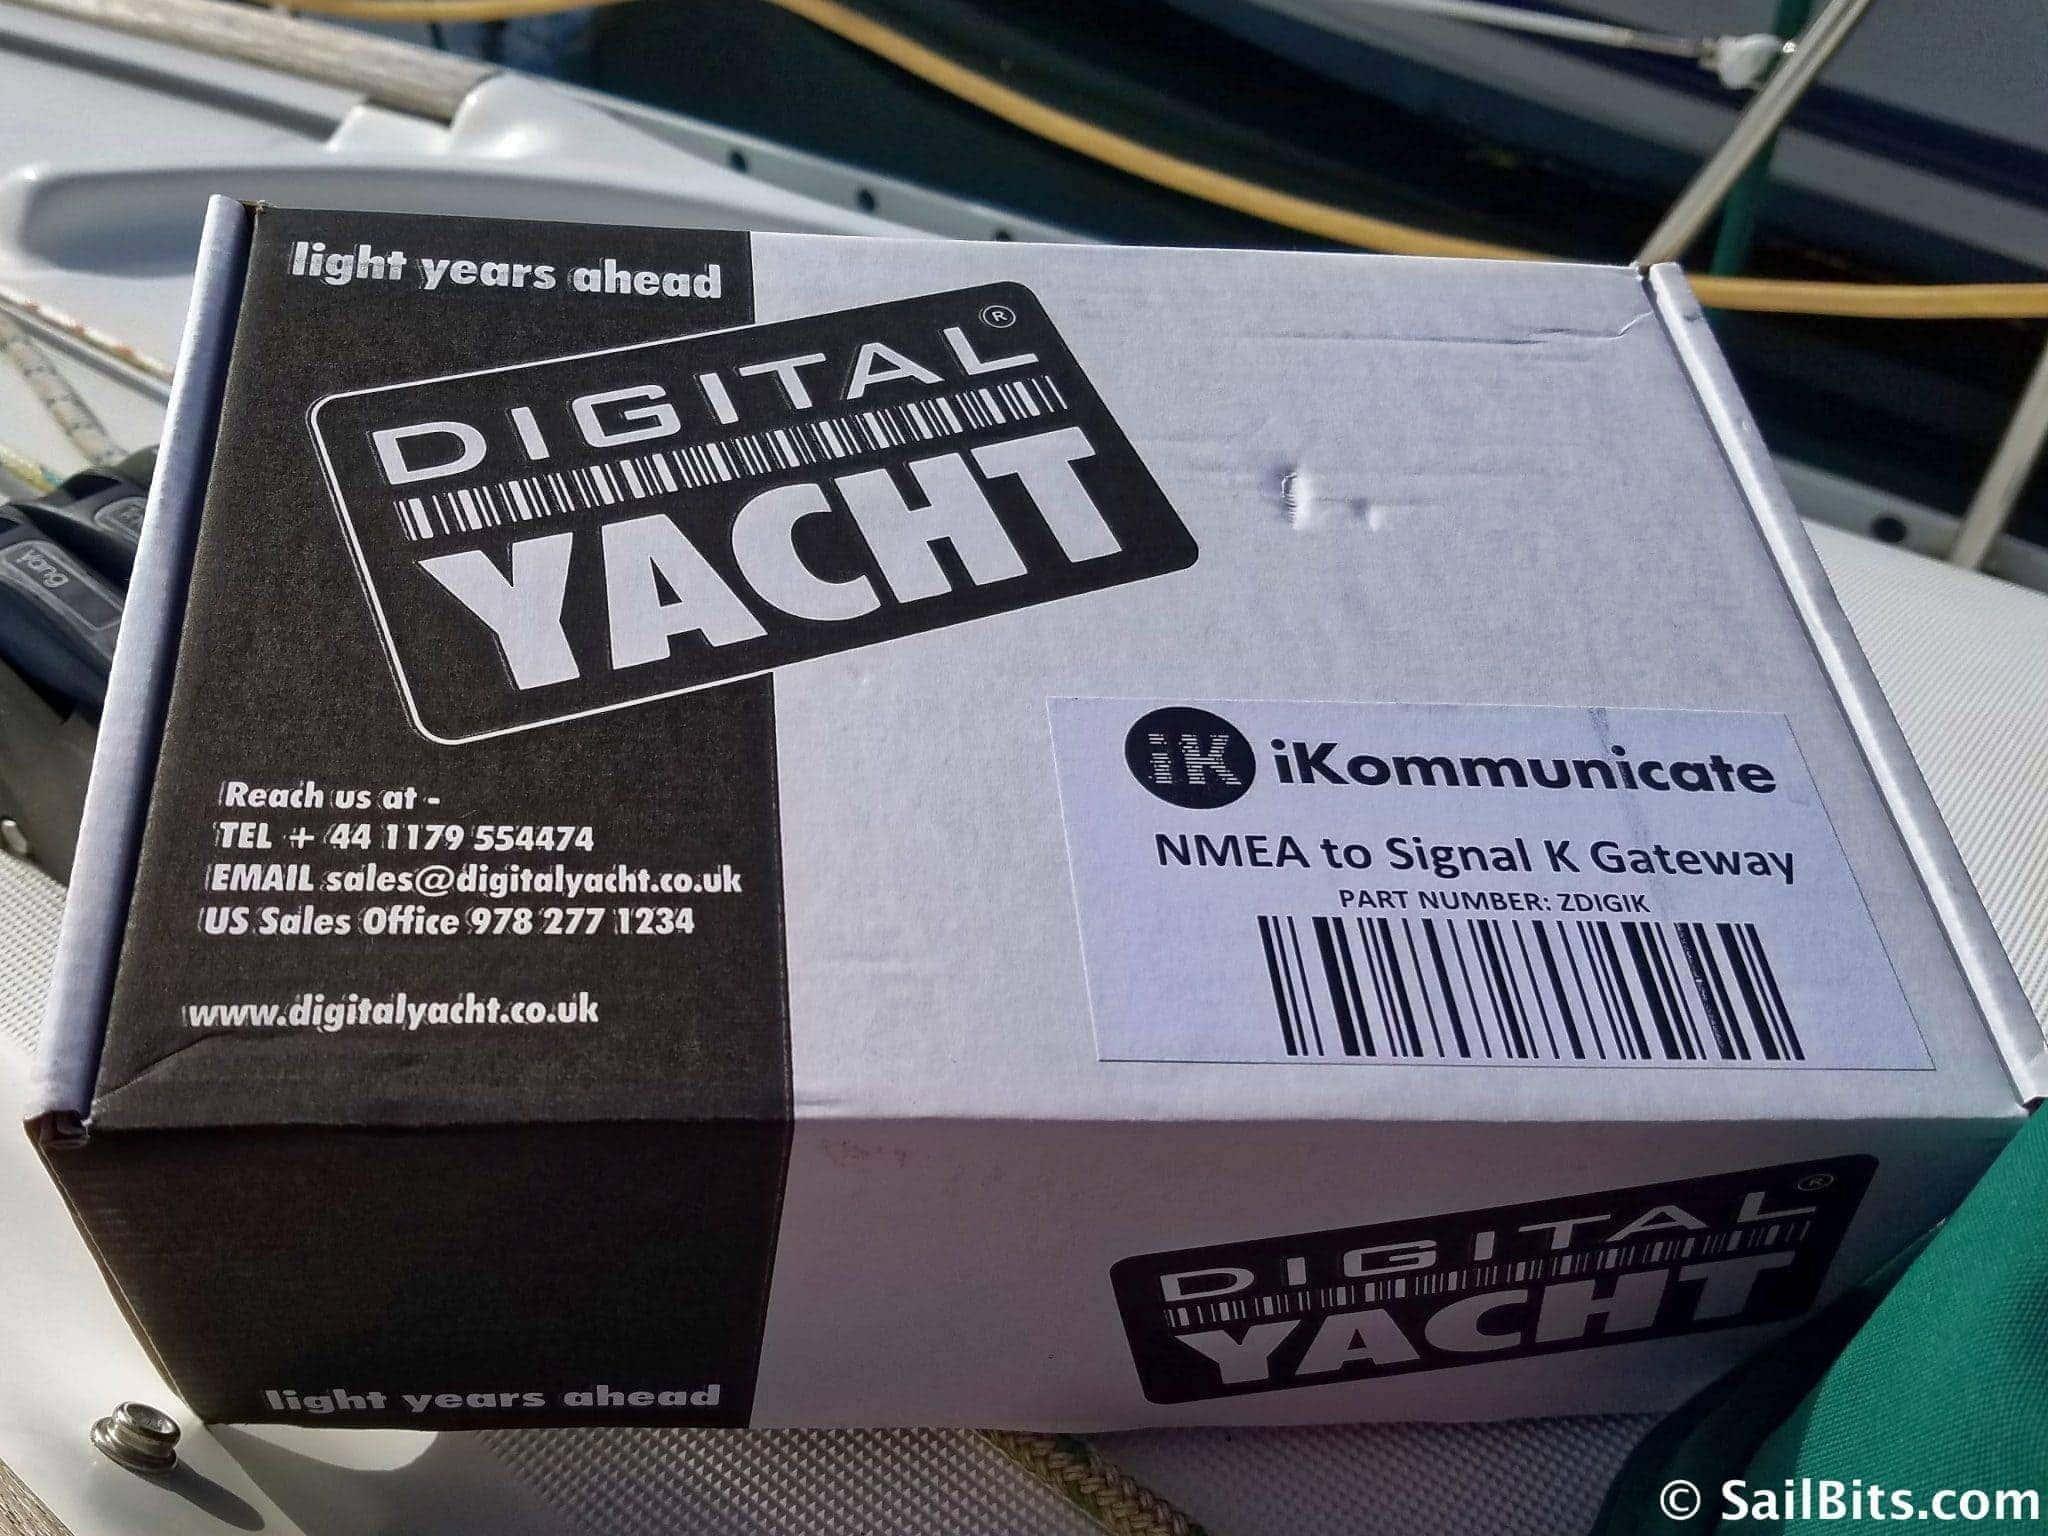 iKommunicate box